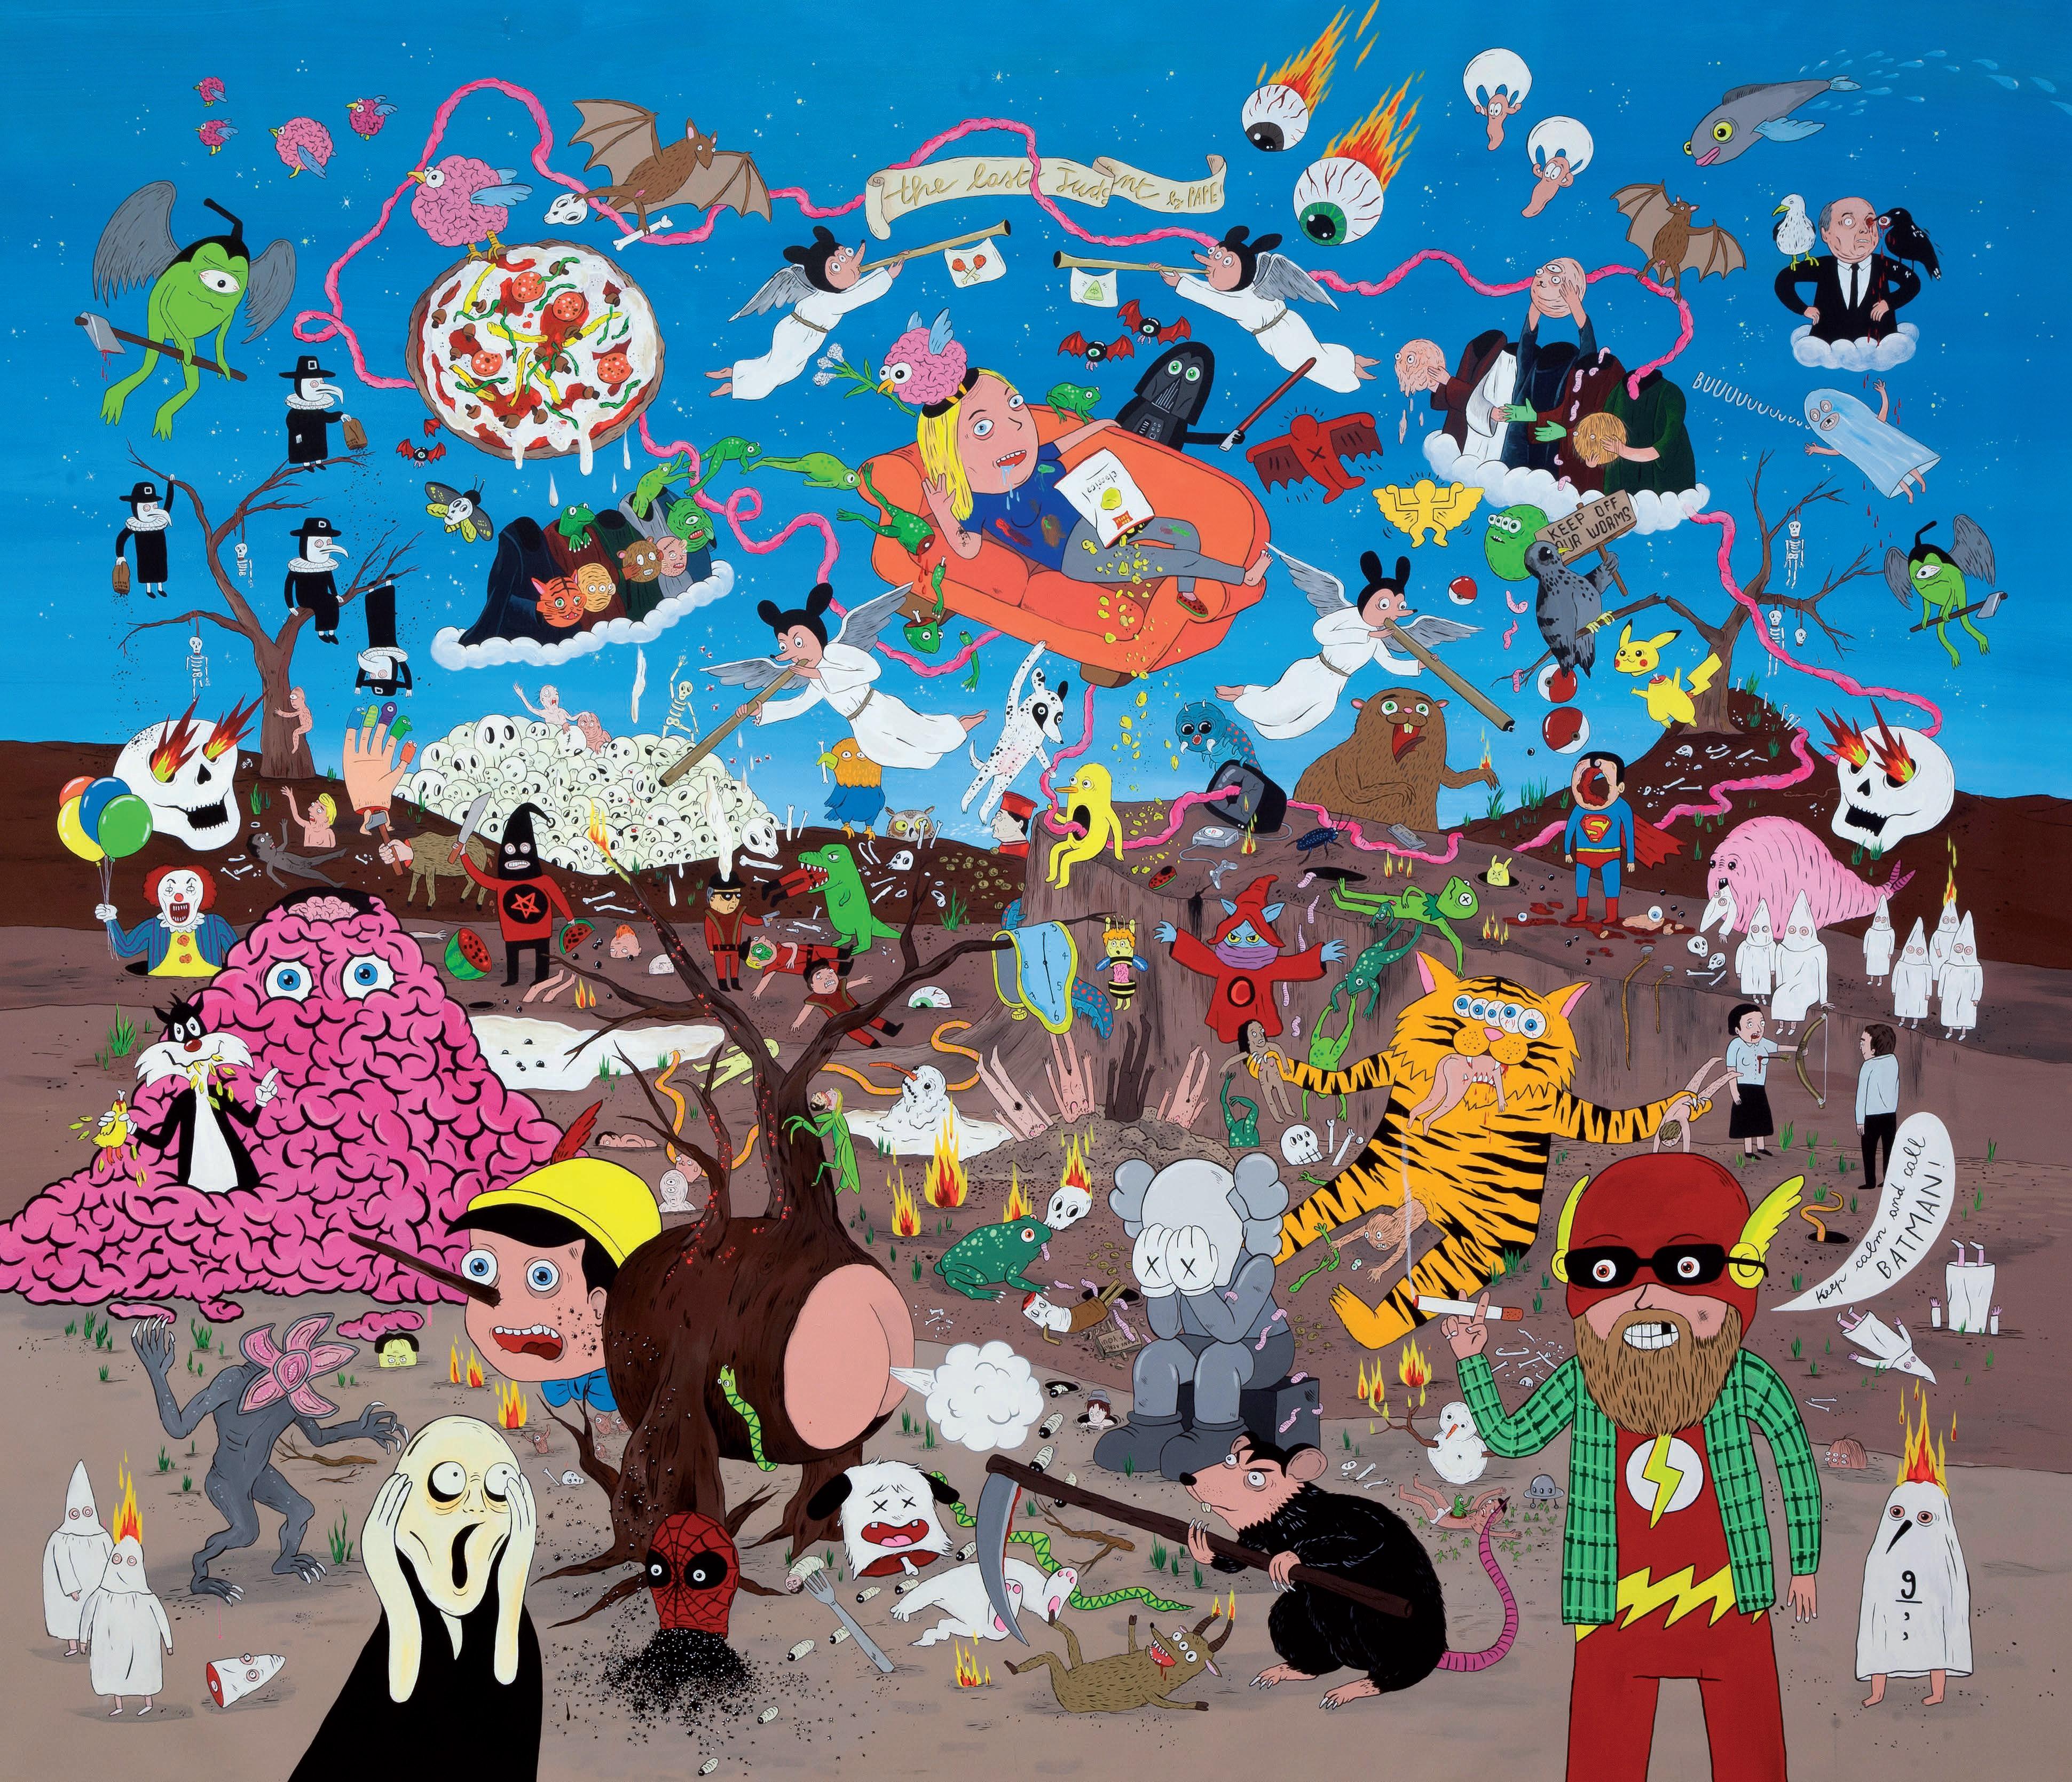 """""""The Last Judgment"""" (dettaglio dell'opera), 2017-2018, tecnica mista su tela, 196 x 227 cm, Courtesy Studio d'Arte Raffaelli"""